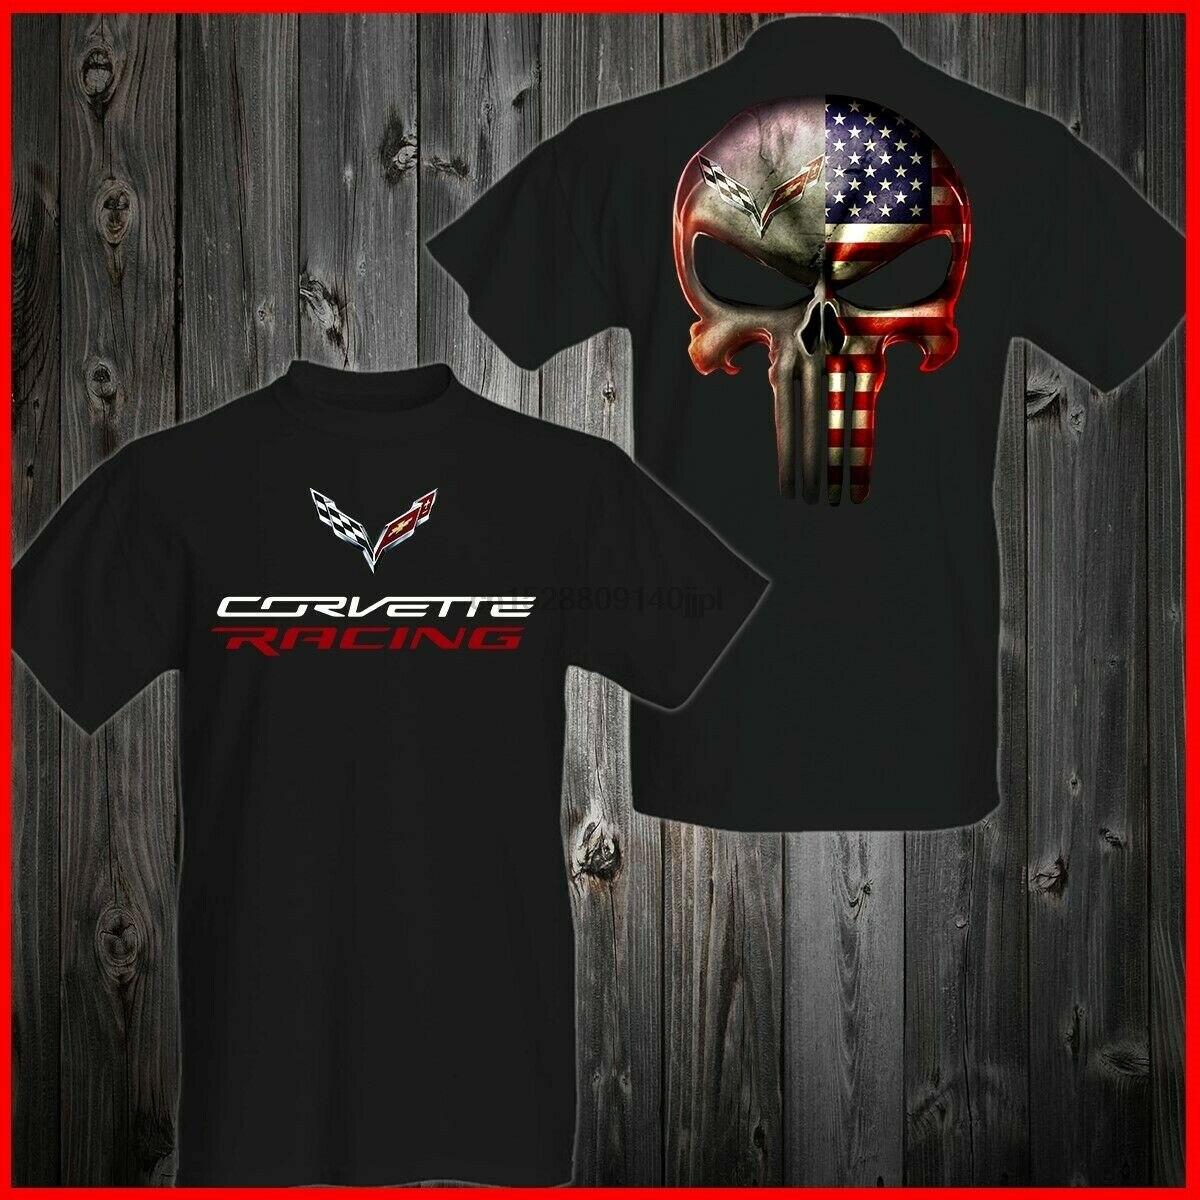 Корвет C7 C6 C5 C4 C3 C2 C1 Z06 Zr1 Каратель американский флаг футболка S-3Xl Тройник